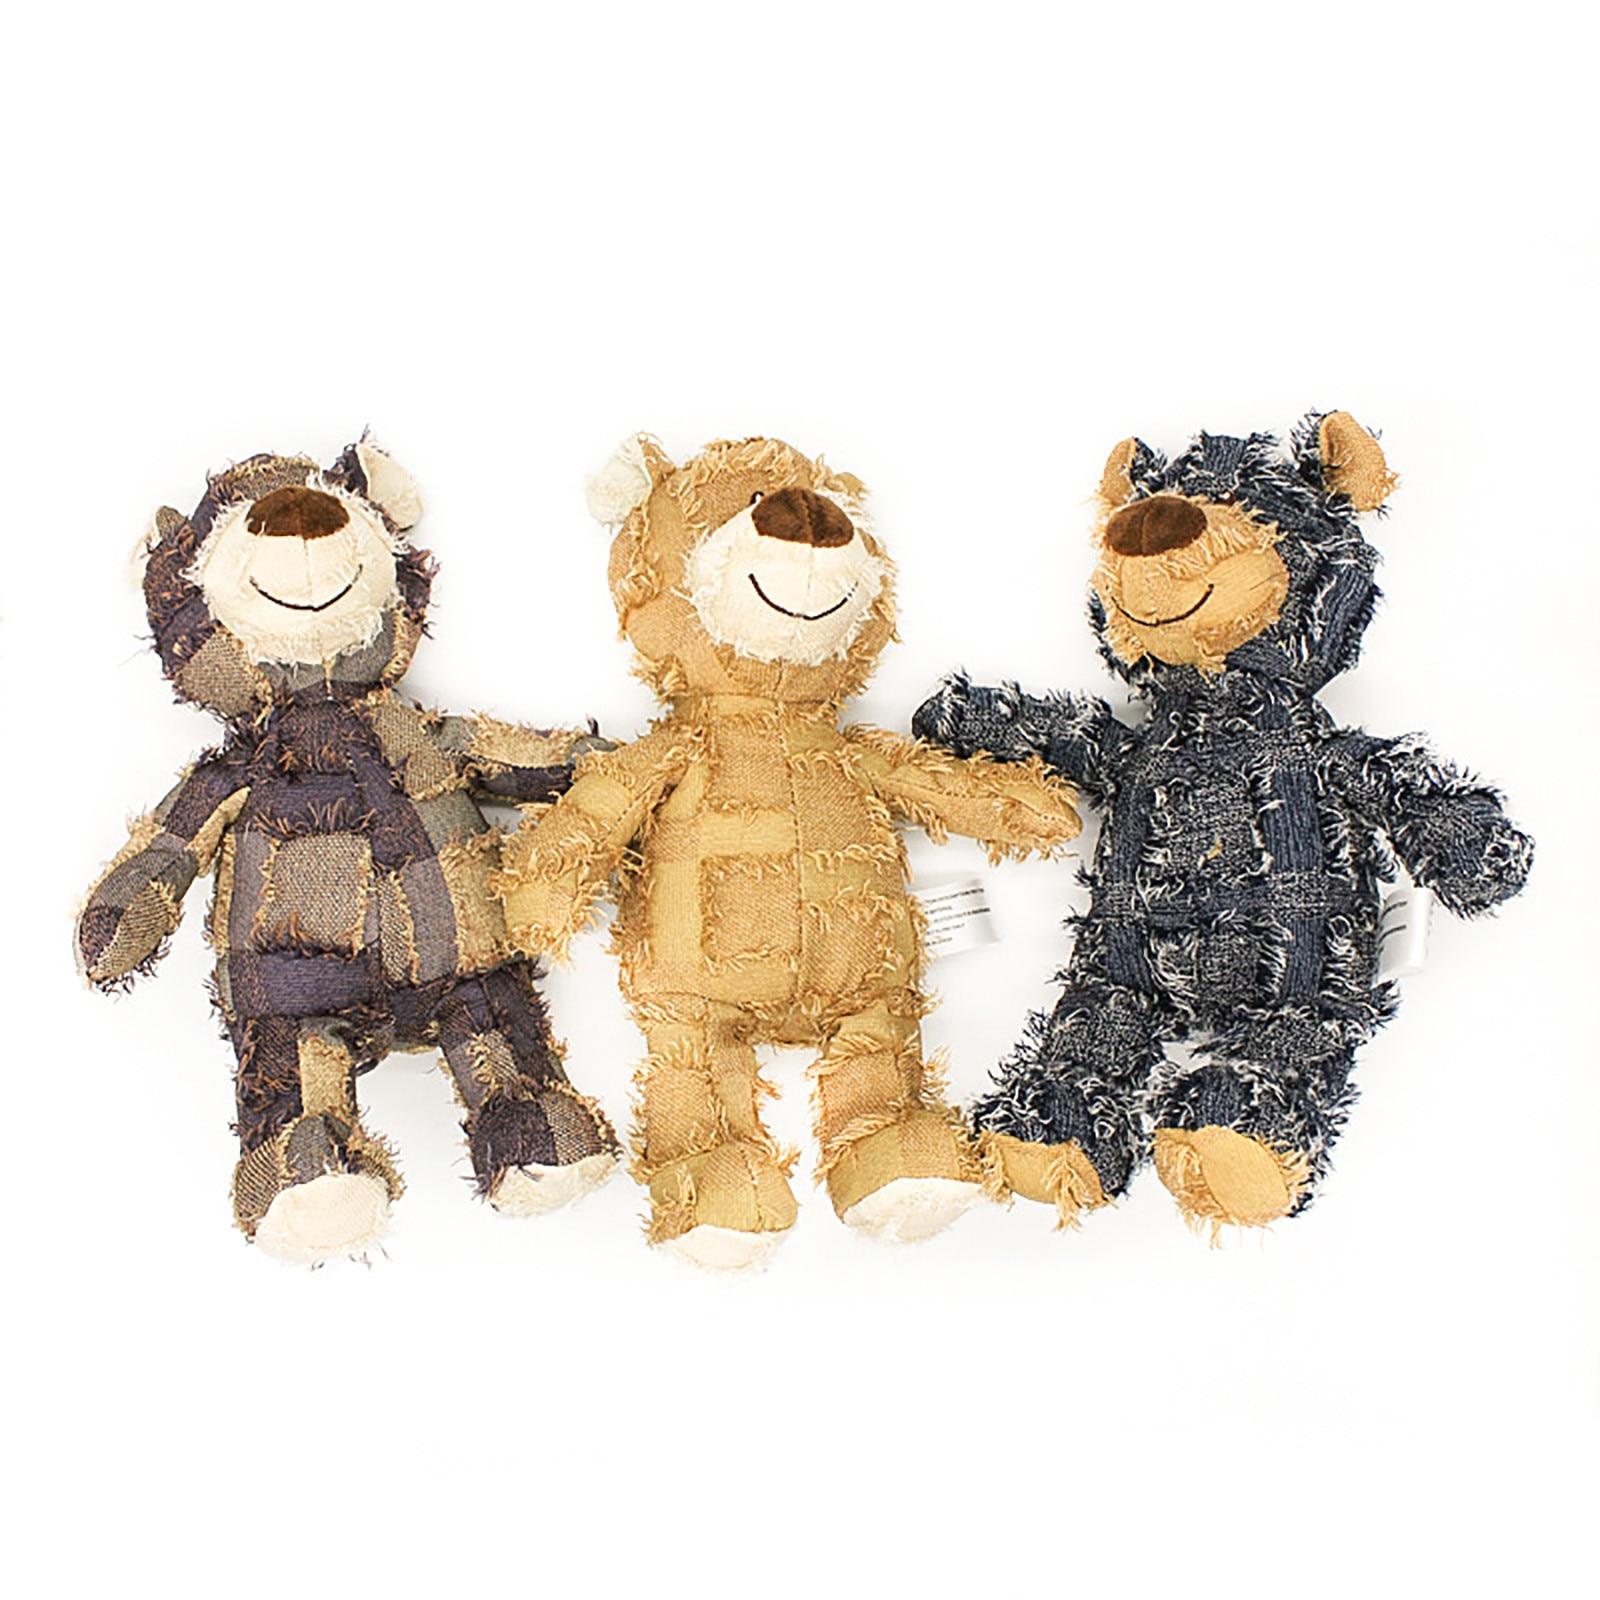 Oyuncaklar çocuklar için noel bebek peluş Euramerican tarzı ses olacak benzersiz dilenci hayvan ayı üç renk isteğe bağlı oyuncaklar kızlar için